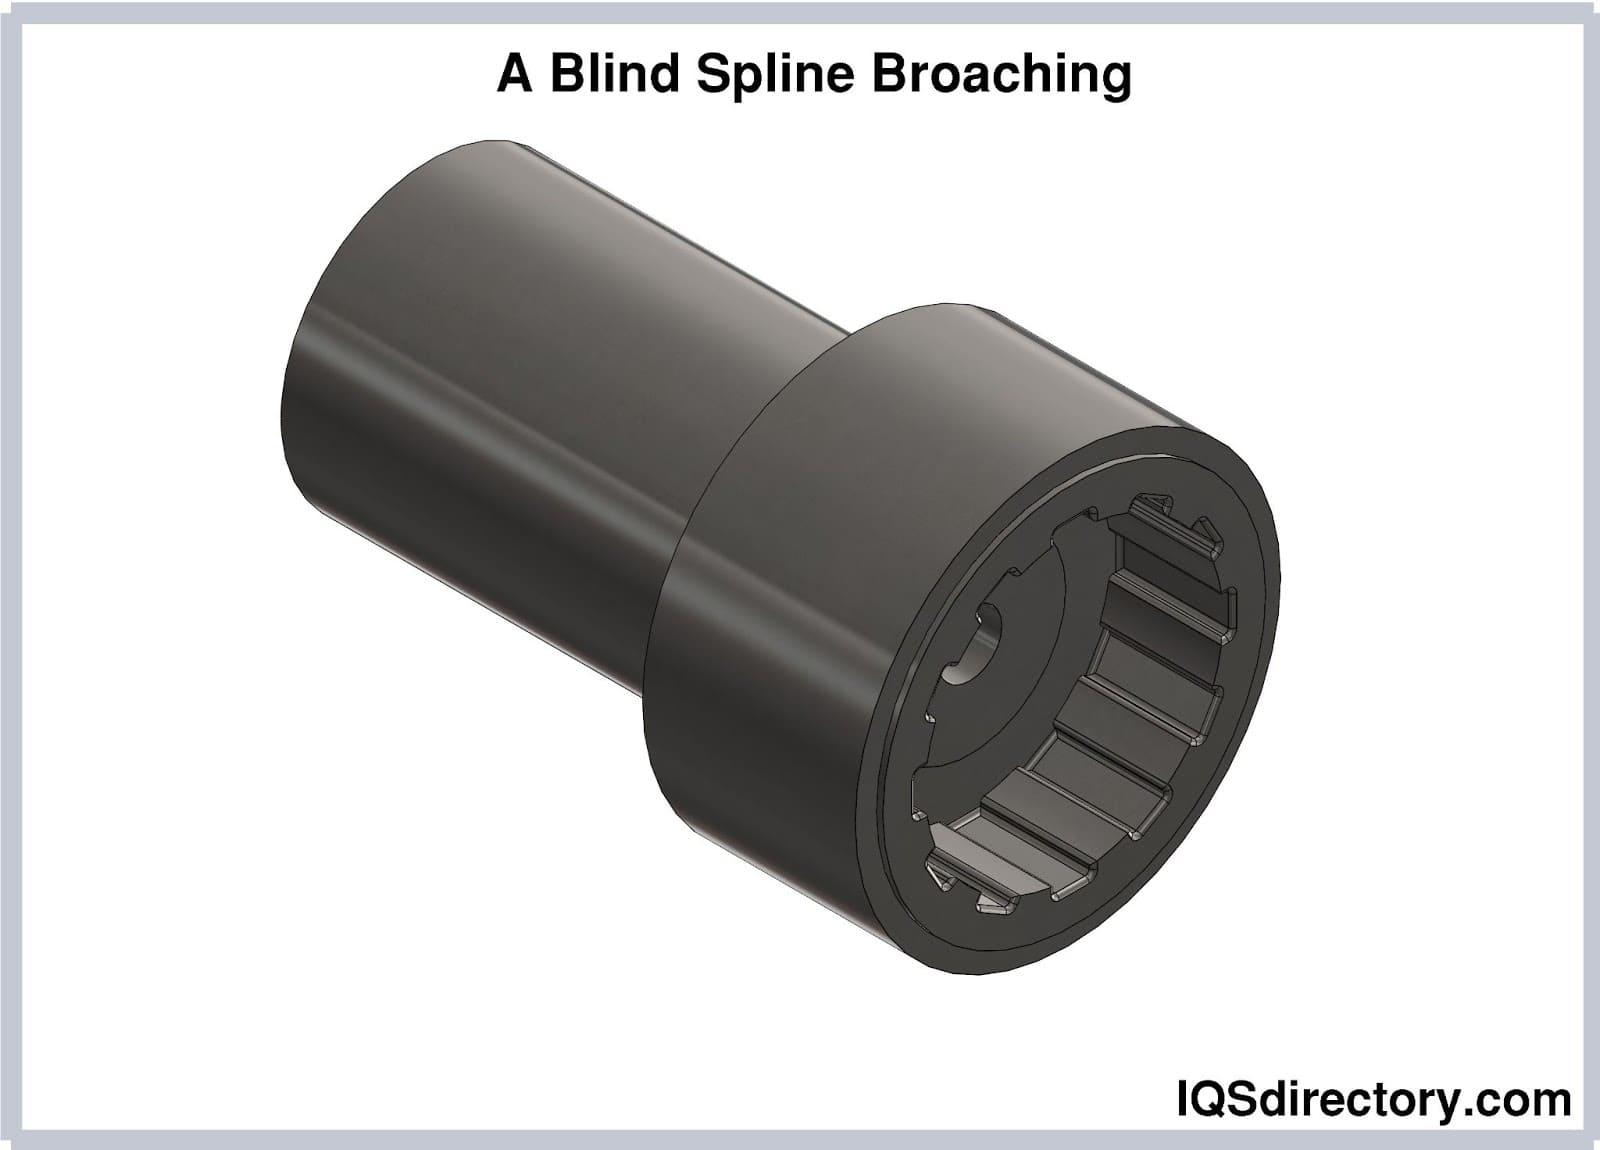 A Blind Spline Broaching